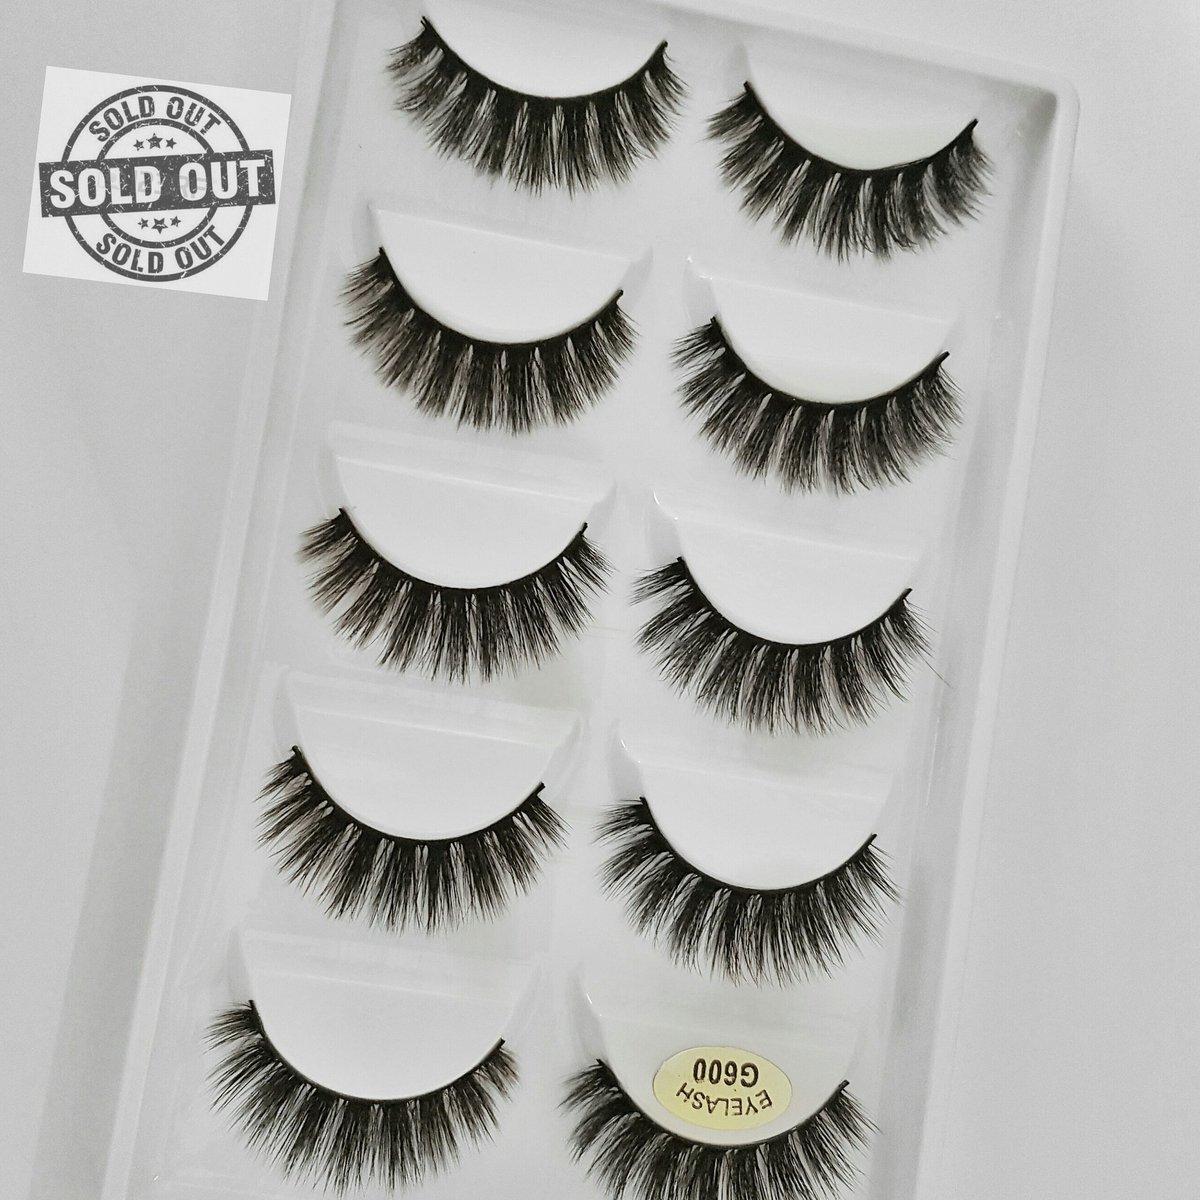 #spotng #makeup #lashes #eyes #makeupartists #cosmetics #beauty #aesthetics #makeupartistinlagos #muainlagos #mua  #makeupjunkie #makeuplover #makeupaddict #makeuptools #eyesmakeup #volumelashes #lashesfordays #lashart #lashpro #eyelashpic.twitter.com/NBQjebEOMT